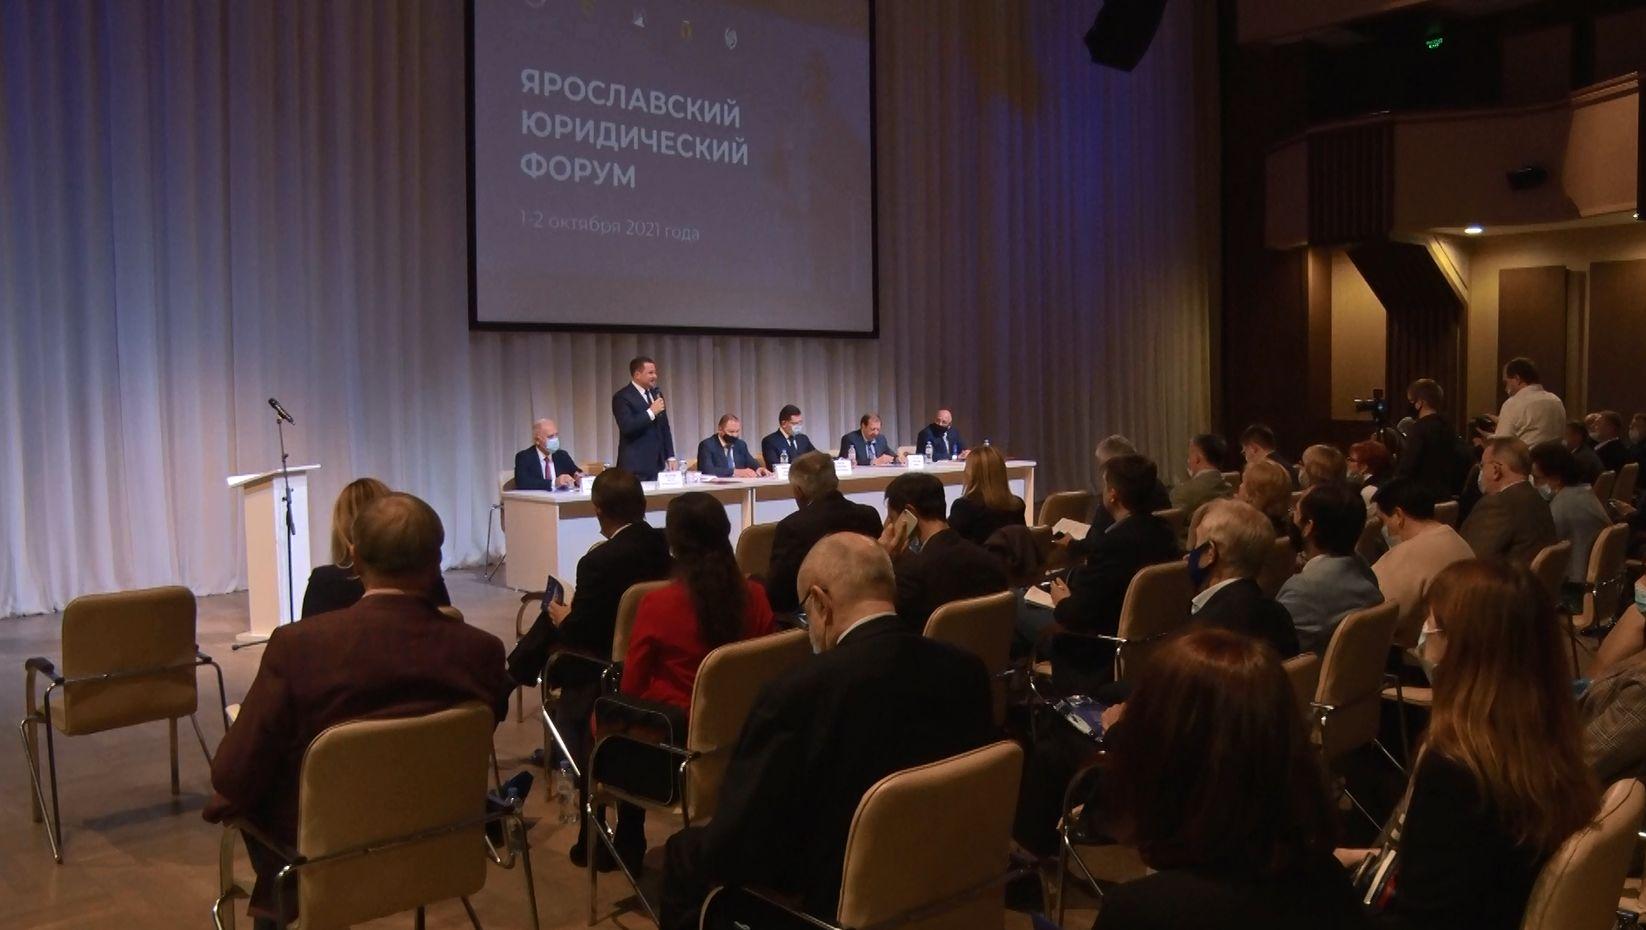 В Ярославле открылся международный юридический форум